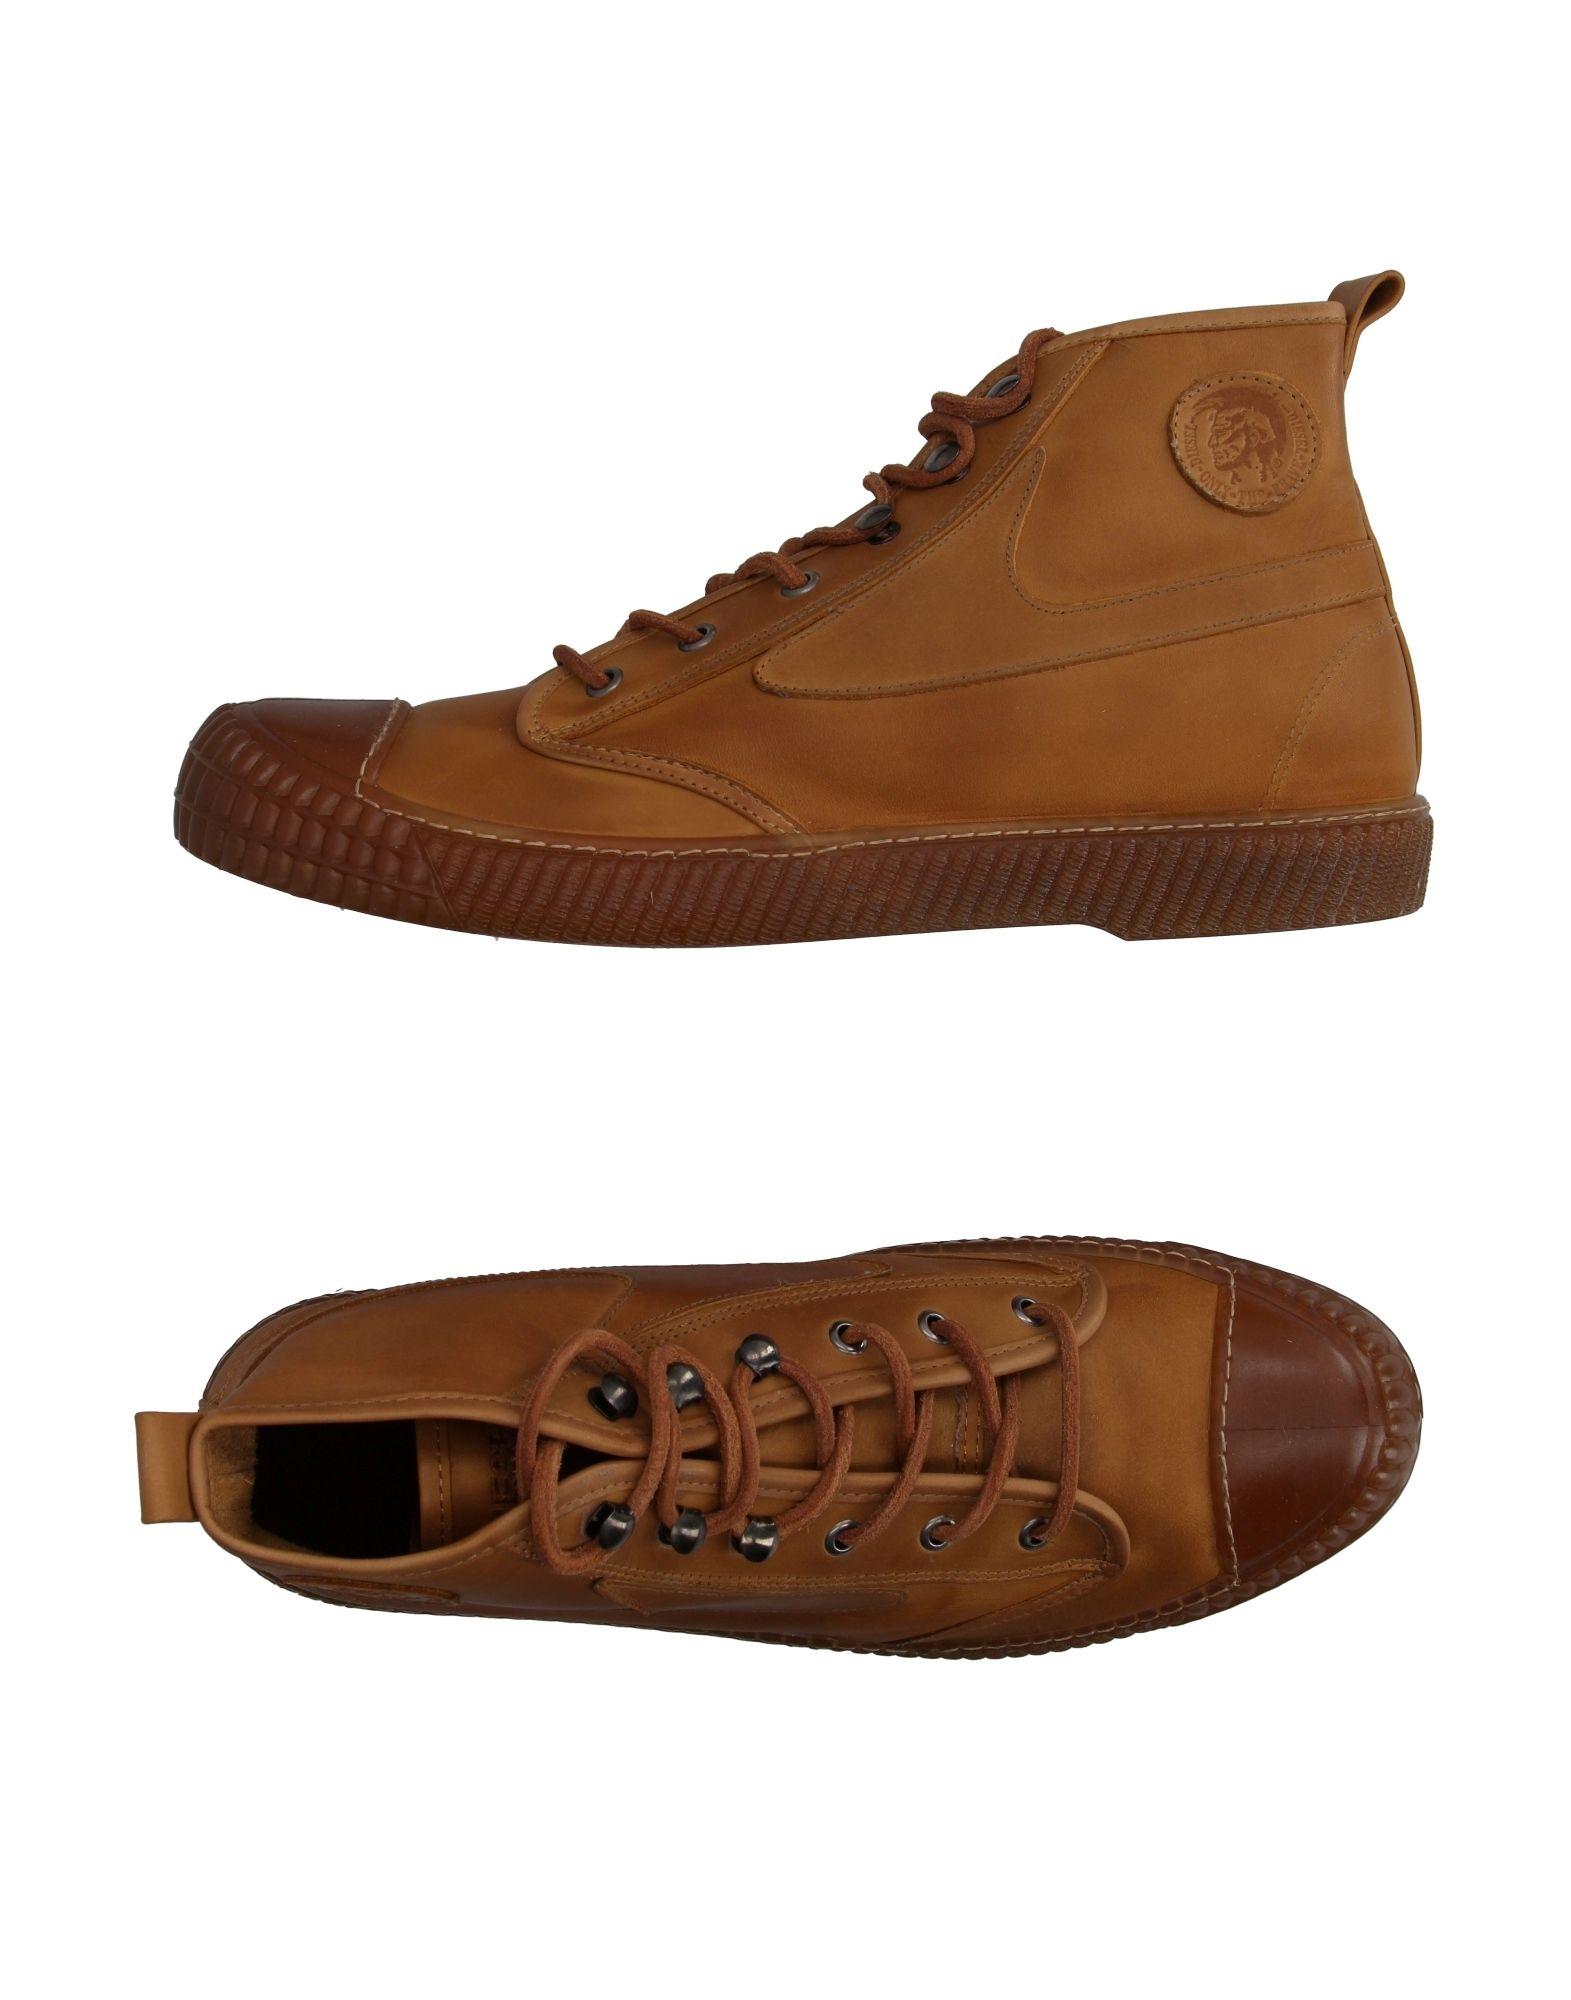 Rabatt Diesel echte Schuhe Diesel Rabatt Sneakers Herren  11067661VK d7afb7